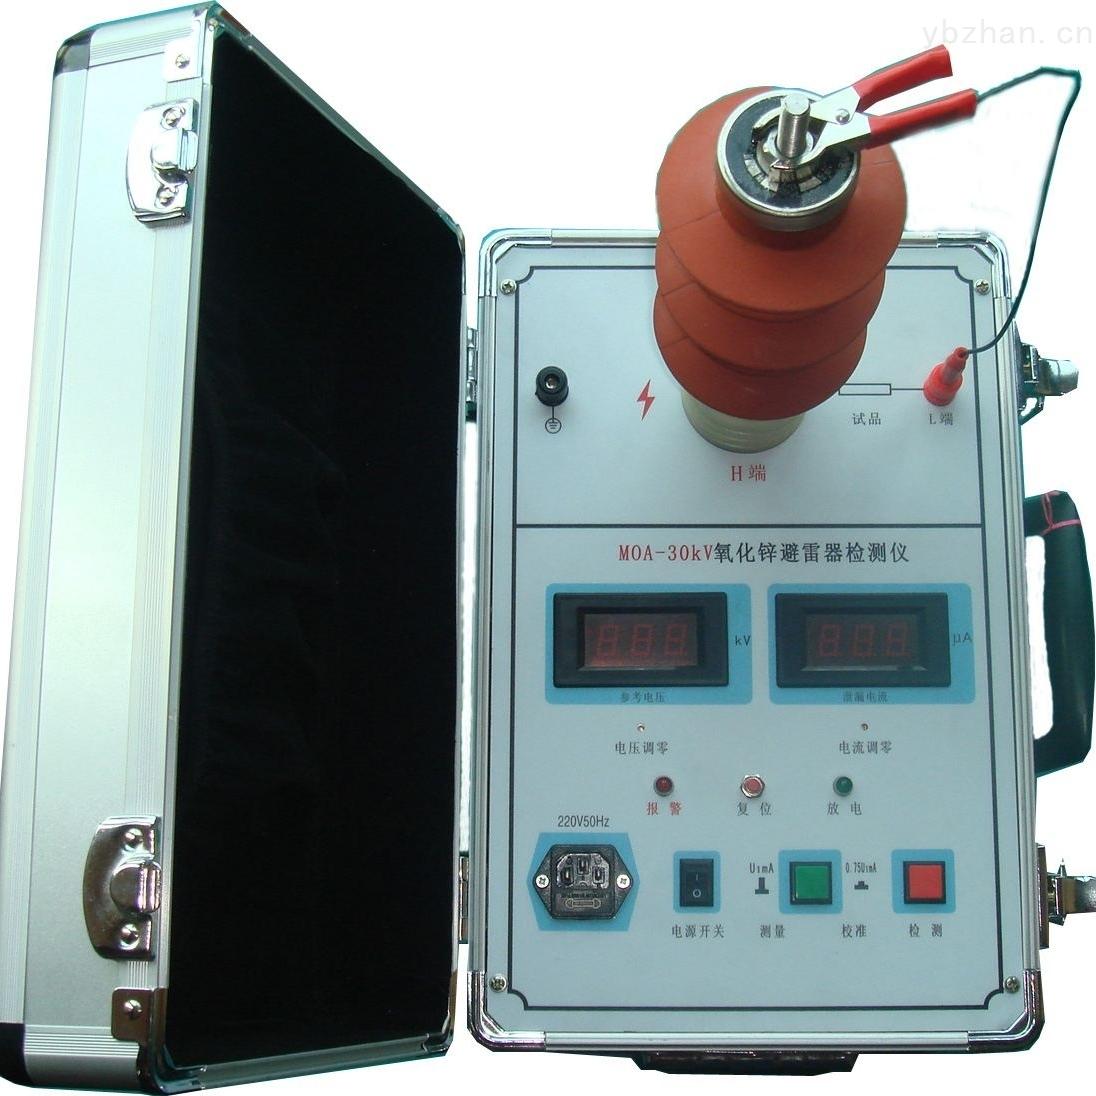 江苏三相氧化锌避雷器测试仪定制厂家